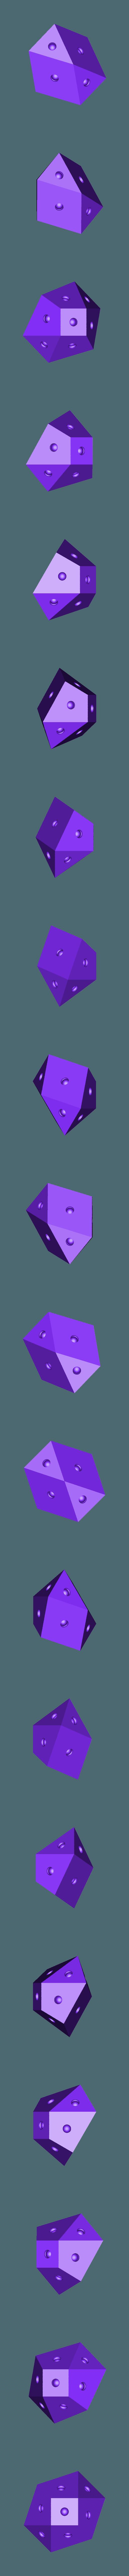 Bisymmetric_Hendecahedron_4mm_v1-0.STL Télécharger fichier STL gratuit Hendécaèdres Bisymétriques Magnétiques Bisymétriques • Objet pour impression 3D, WalterHsiao